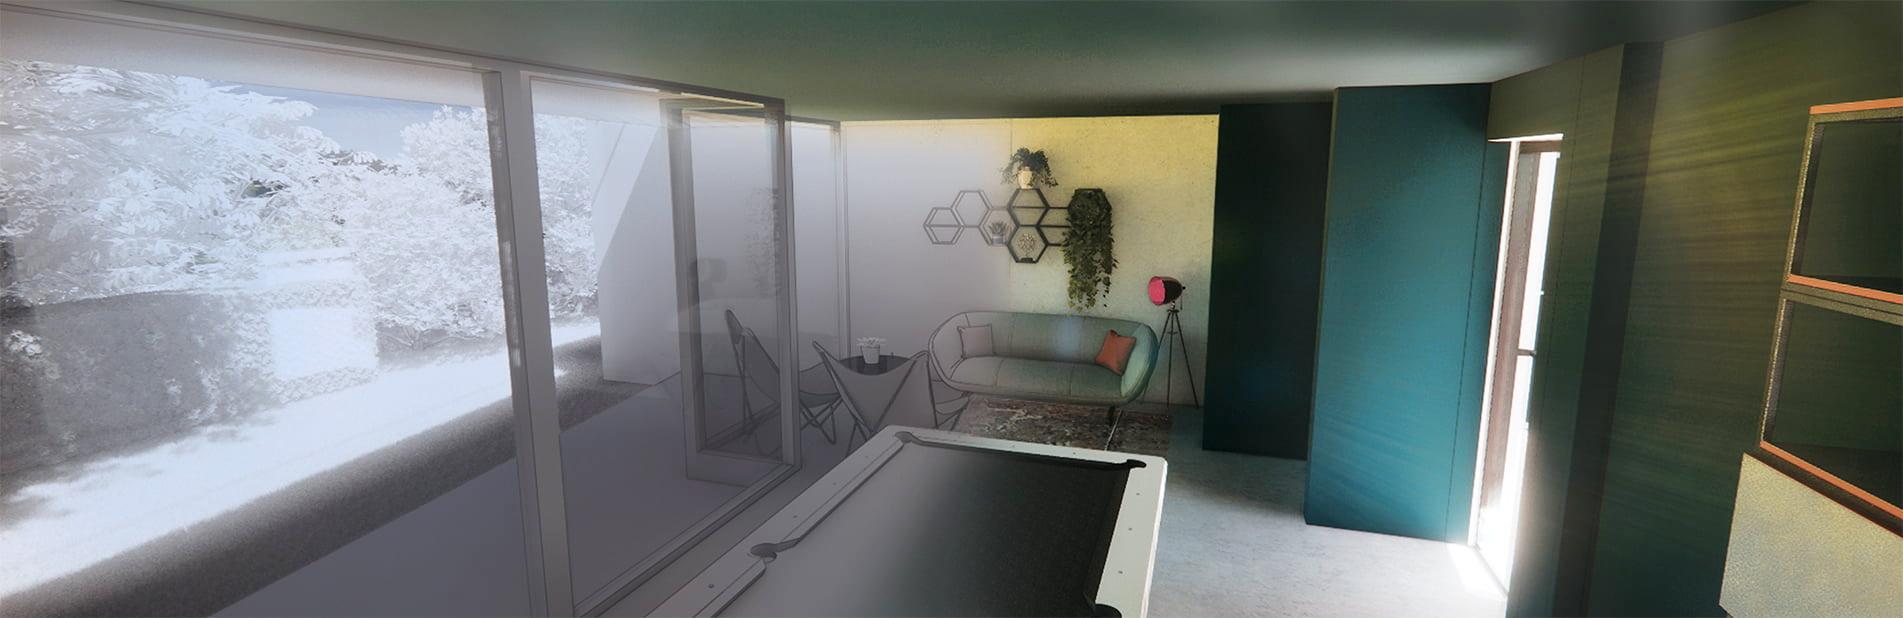 Guernsey-Interior-Design-Services